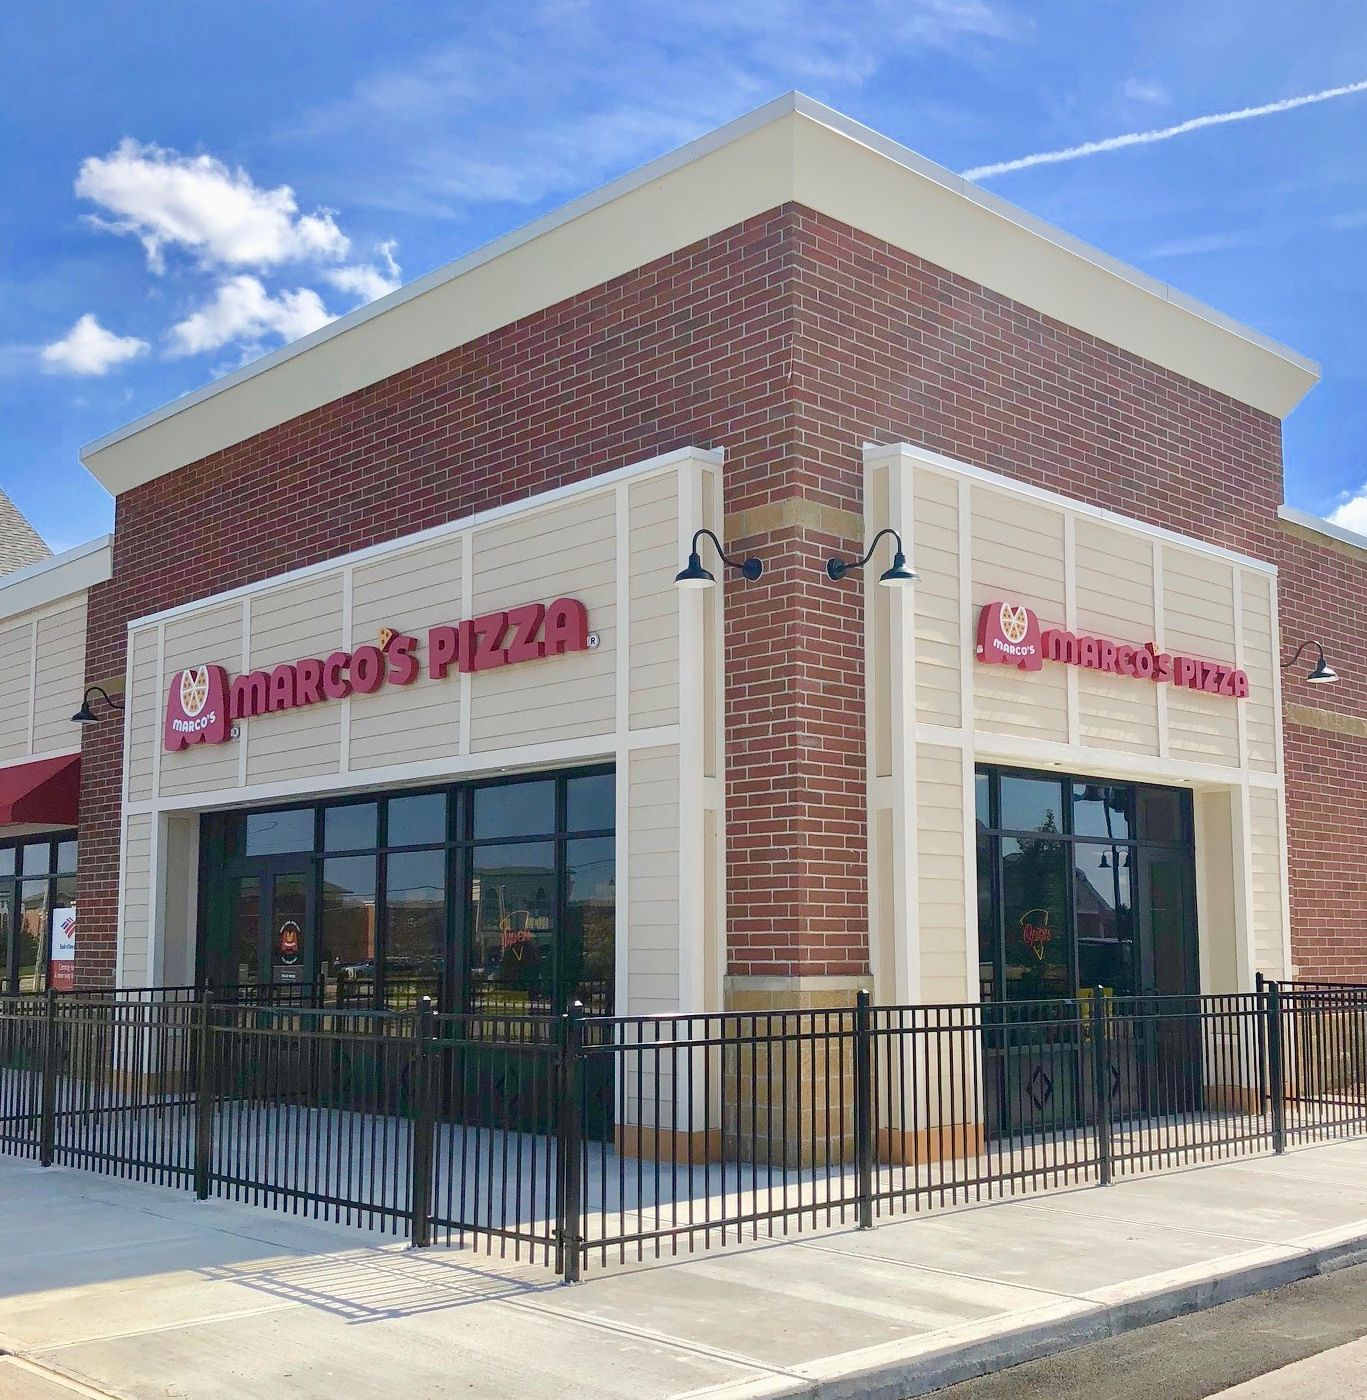 Marco's Pizza étend sa présence nationale en signant 88 nouveaux accords de franchise jusqu'à présent cette année avec plus de 200 nouveaux magasins en développement